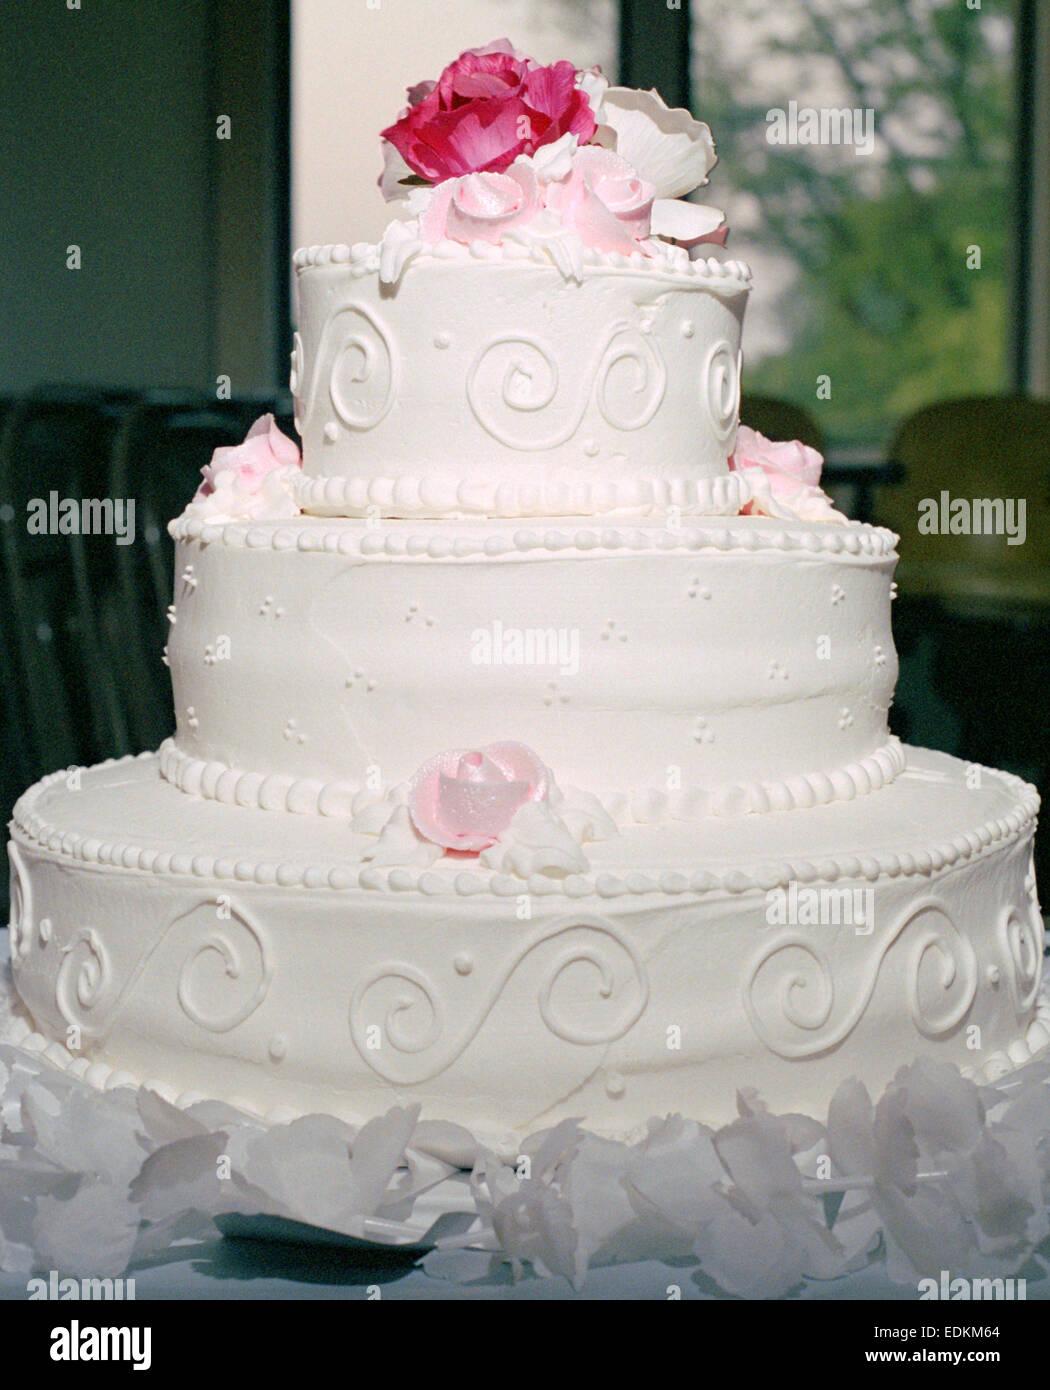 Eine 3 Tier Weisse Hochzeitstorte Mit Rosa Rosen Stockfoto Bild